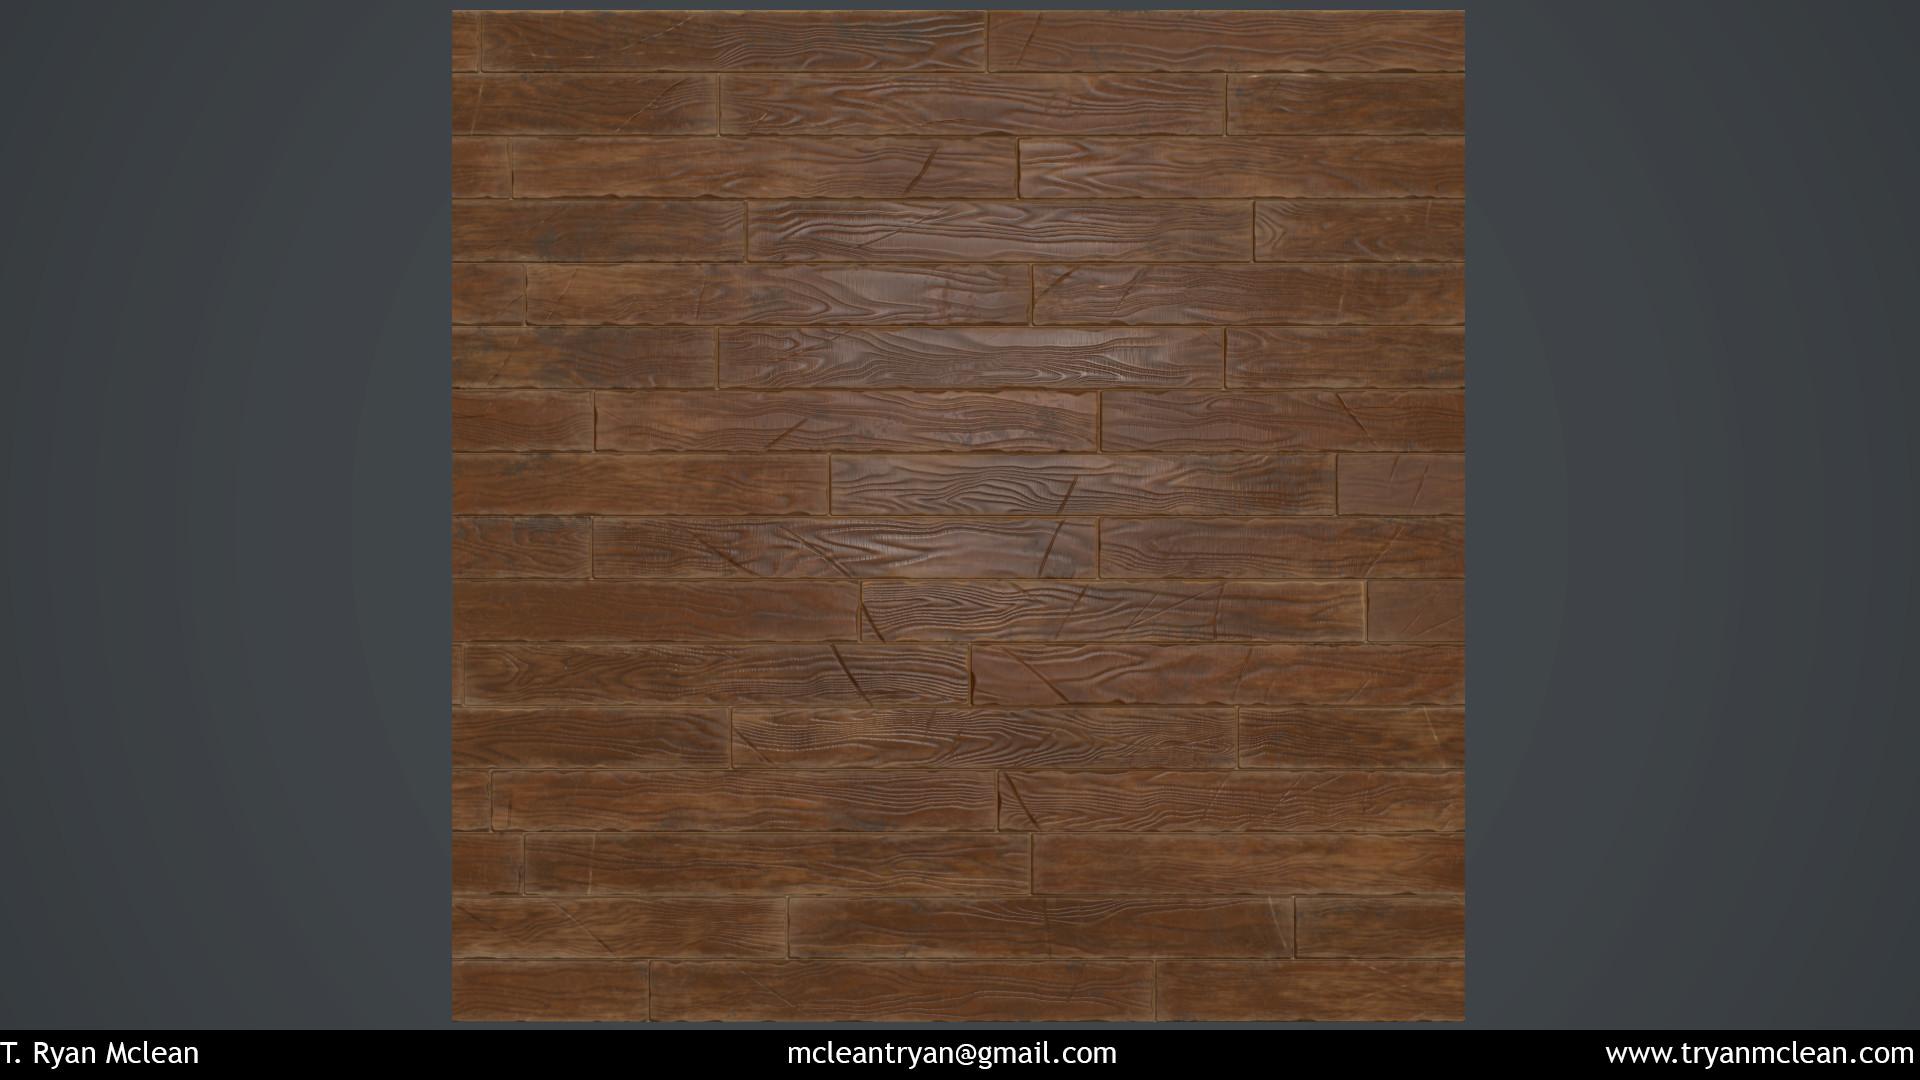 T ryan mclean wood planks 02